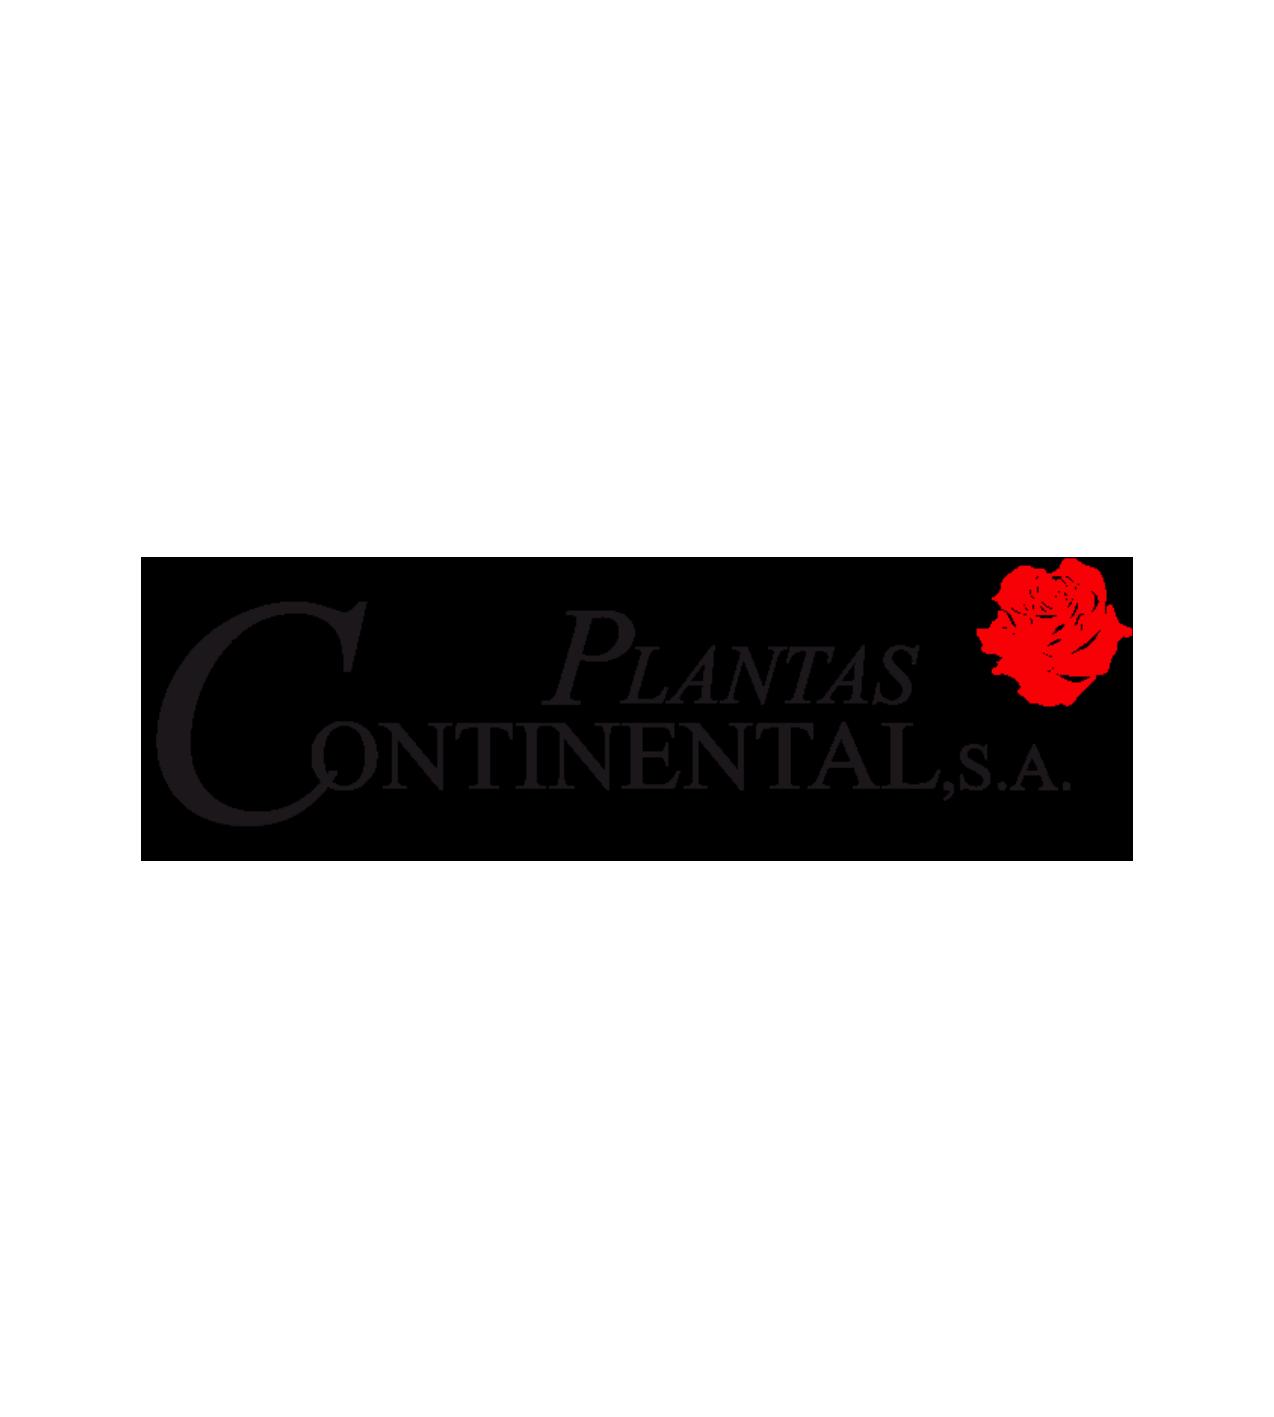 Plantas Continental